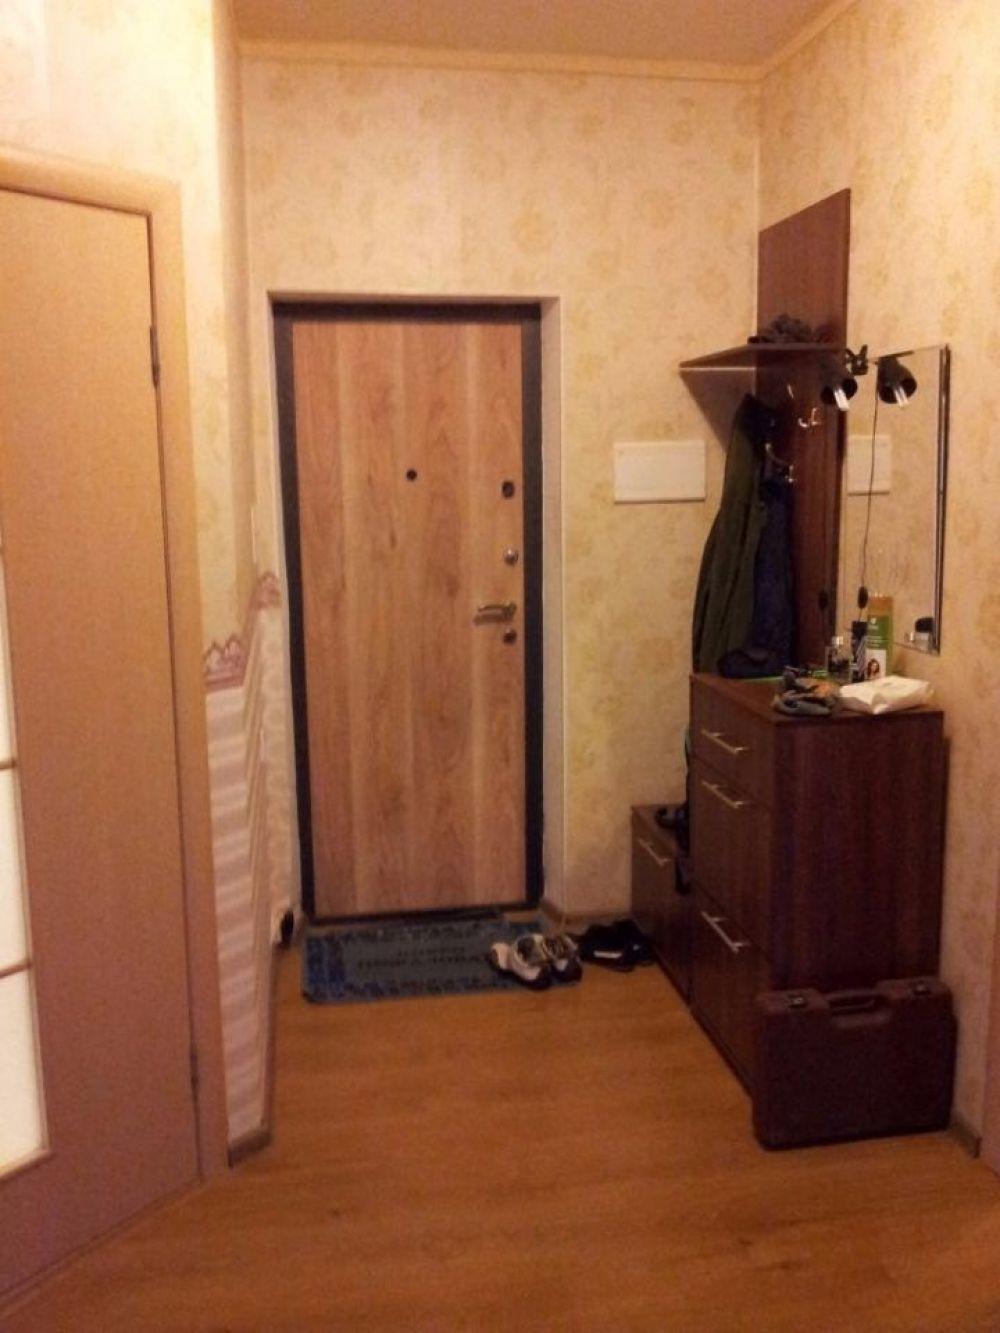 2-к квартира, п. Аничково, д.6, фото 2